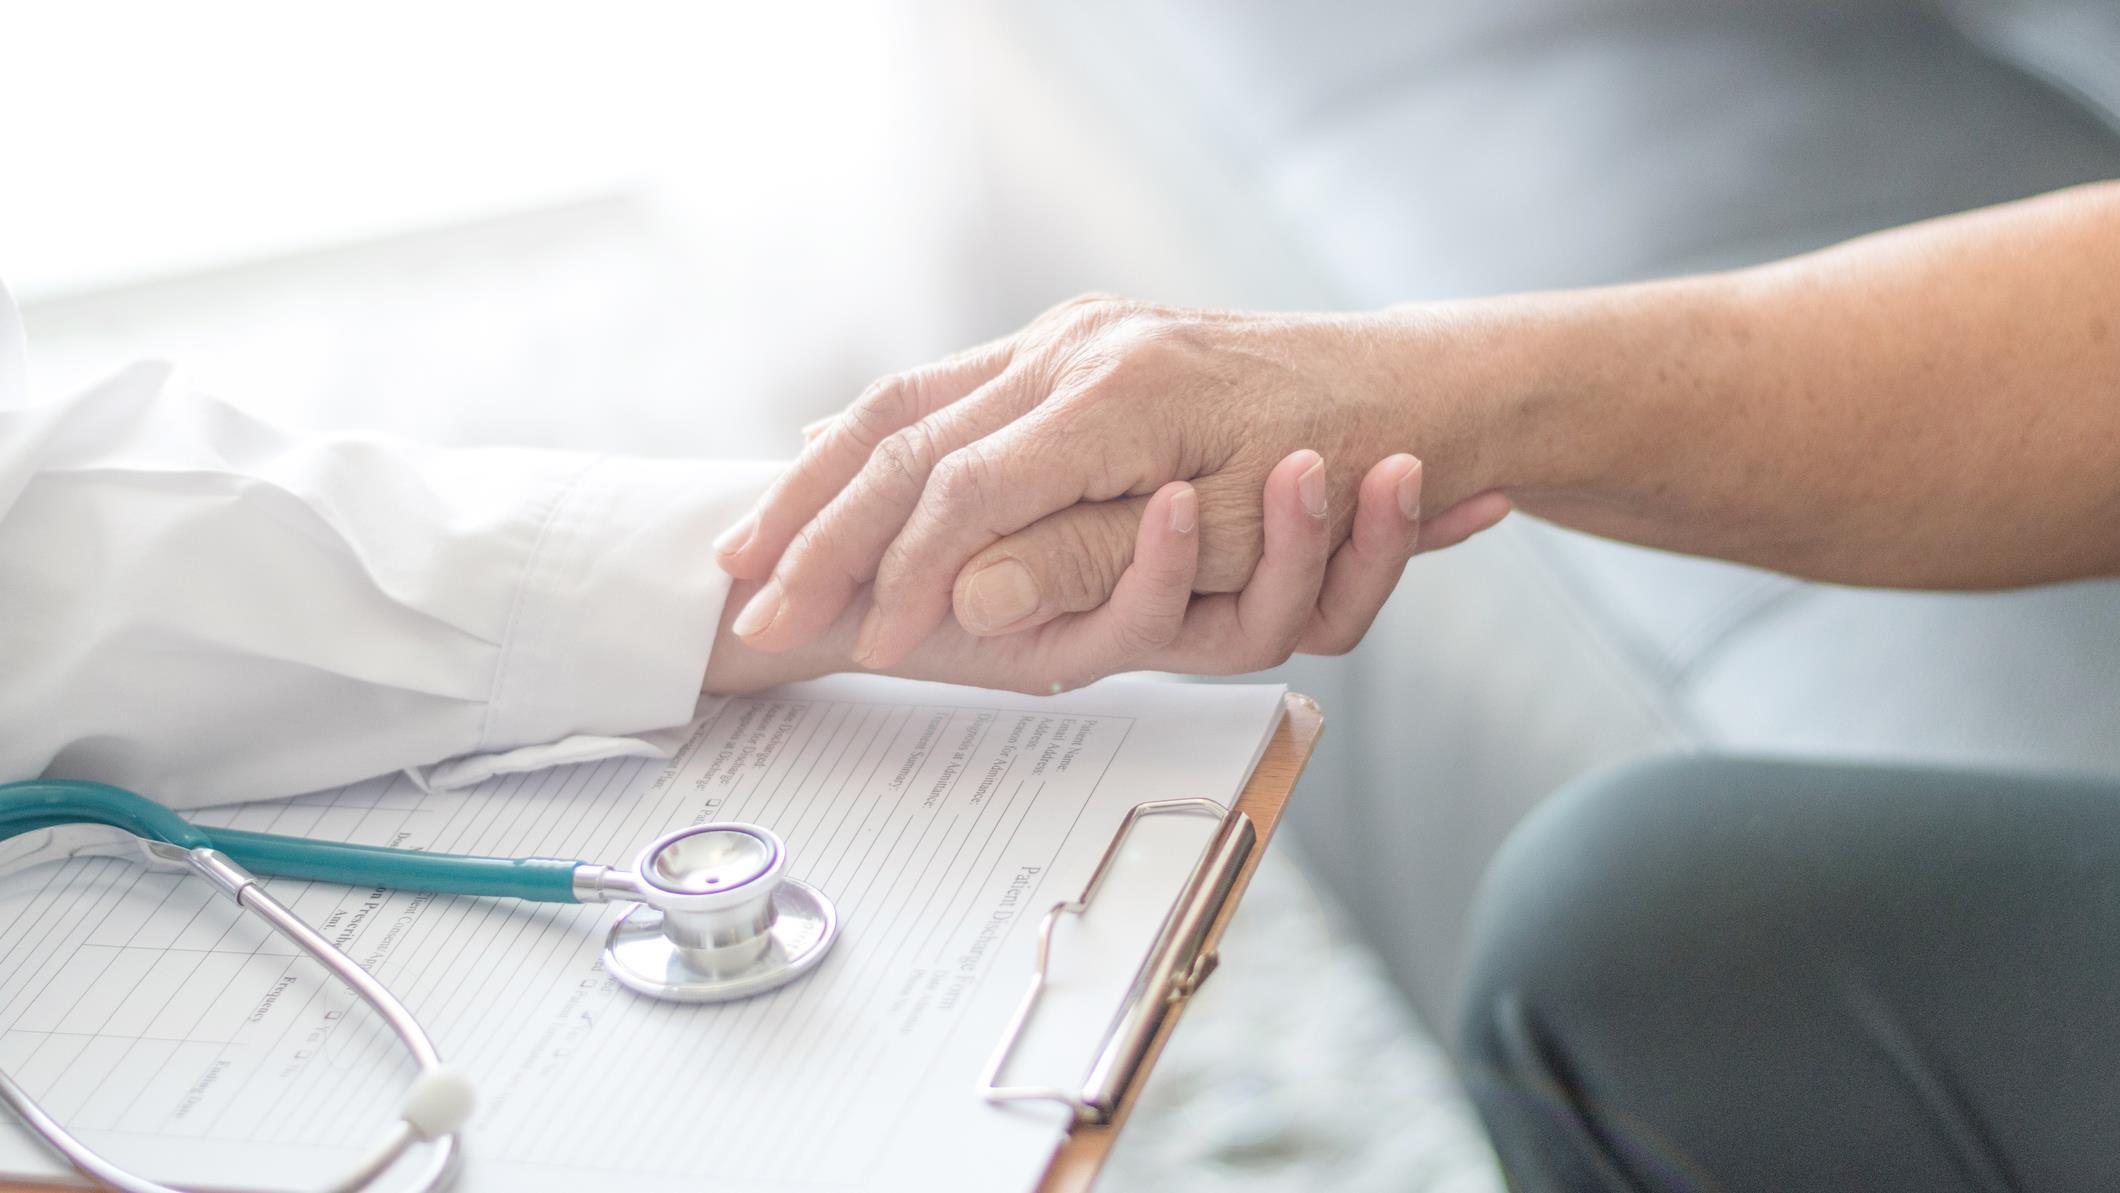 Les soins palliatifs: pour qui, où et quand?